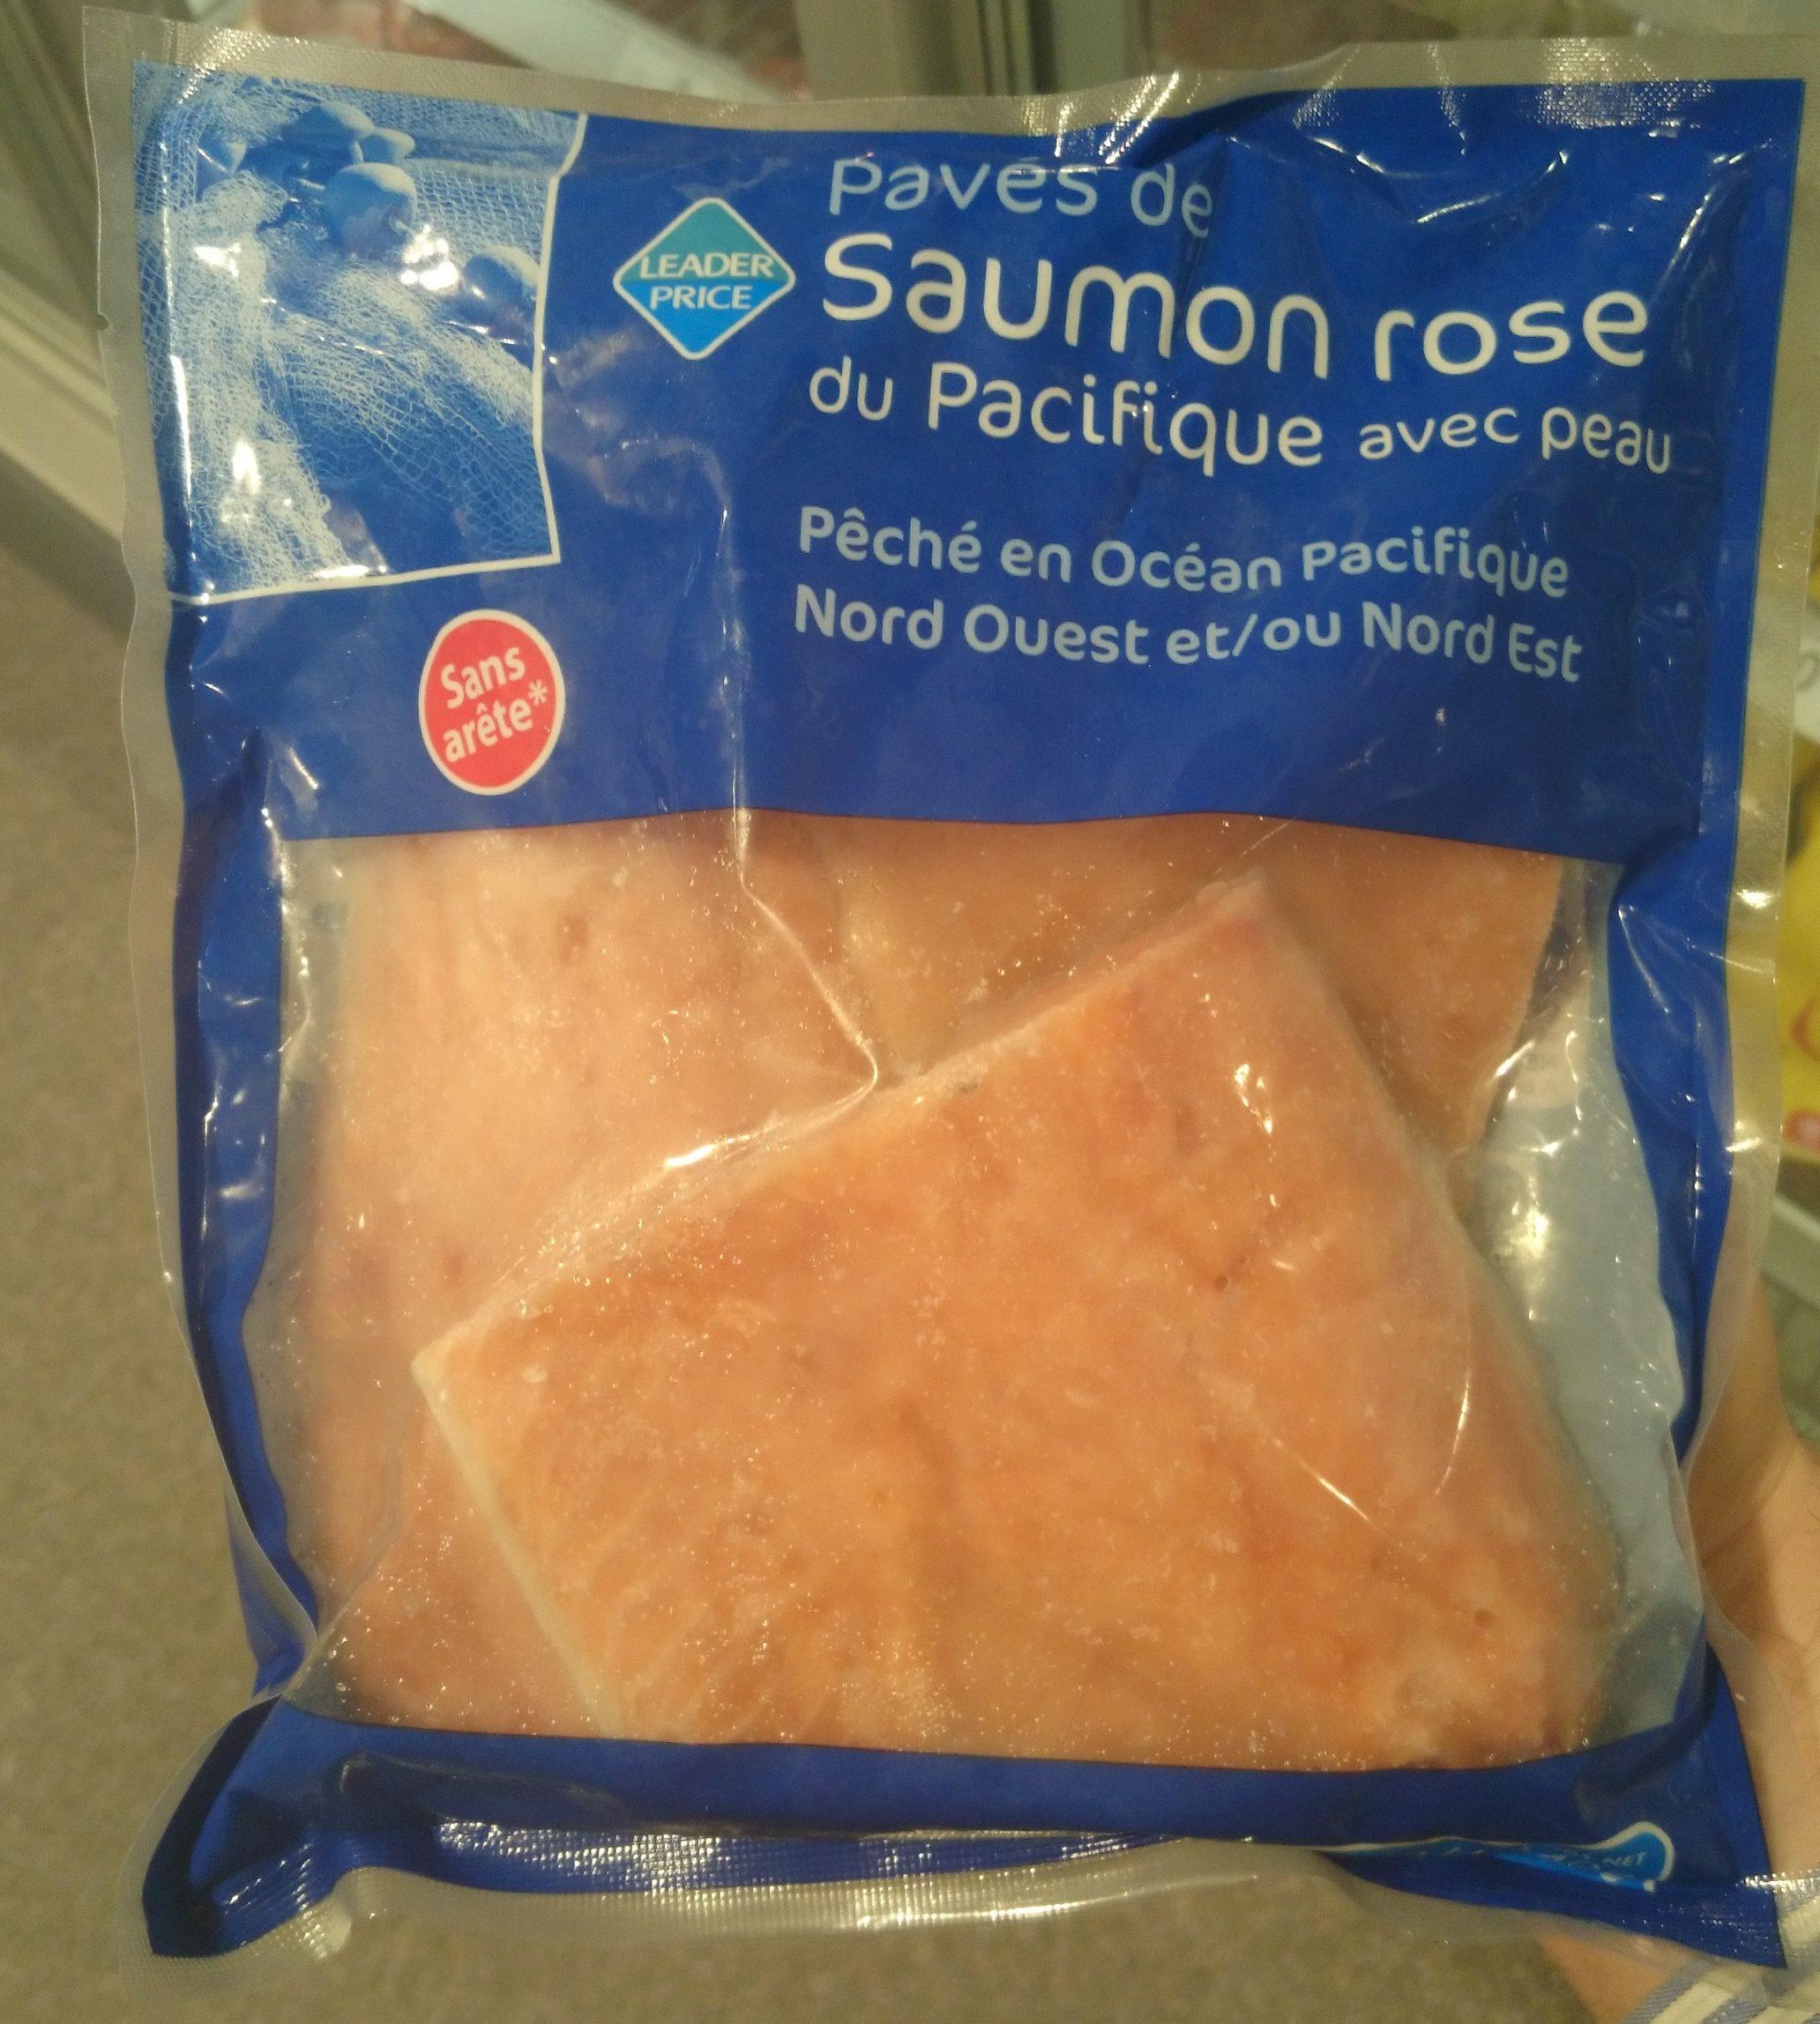 pav s de saumon rose du pacifique avec peau leader price 500 g. Black Bedroom Furniture Sets. Home Design Ideas